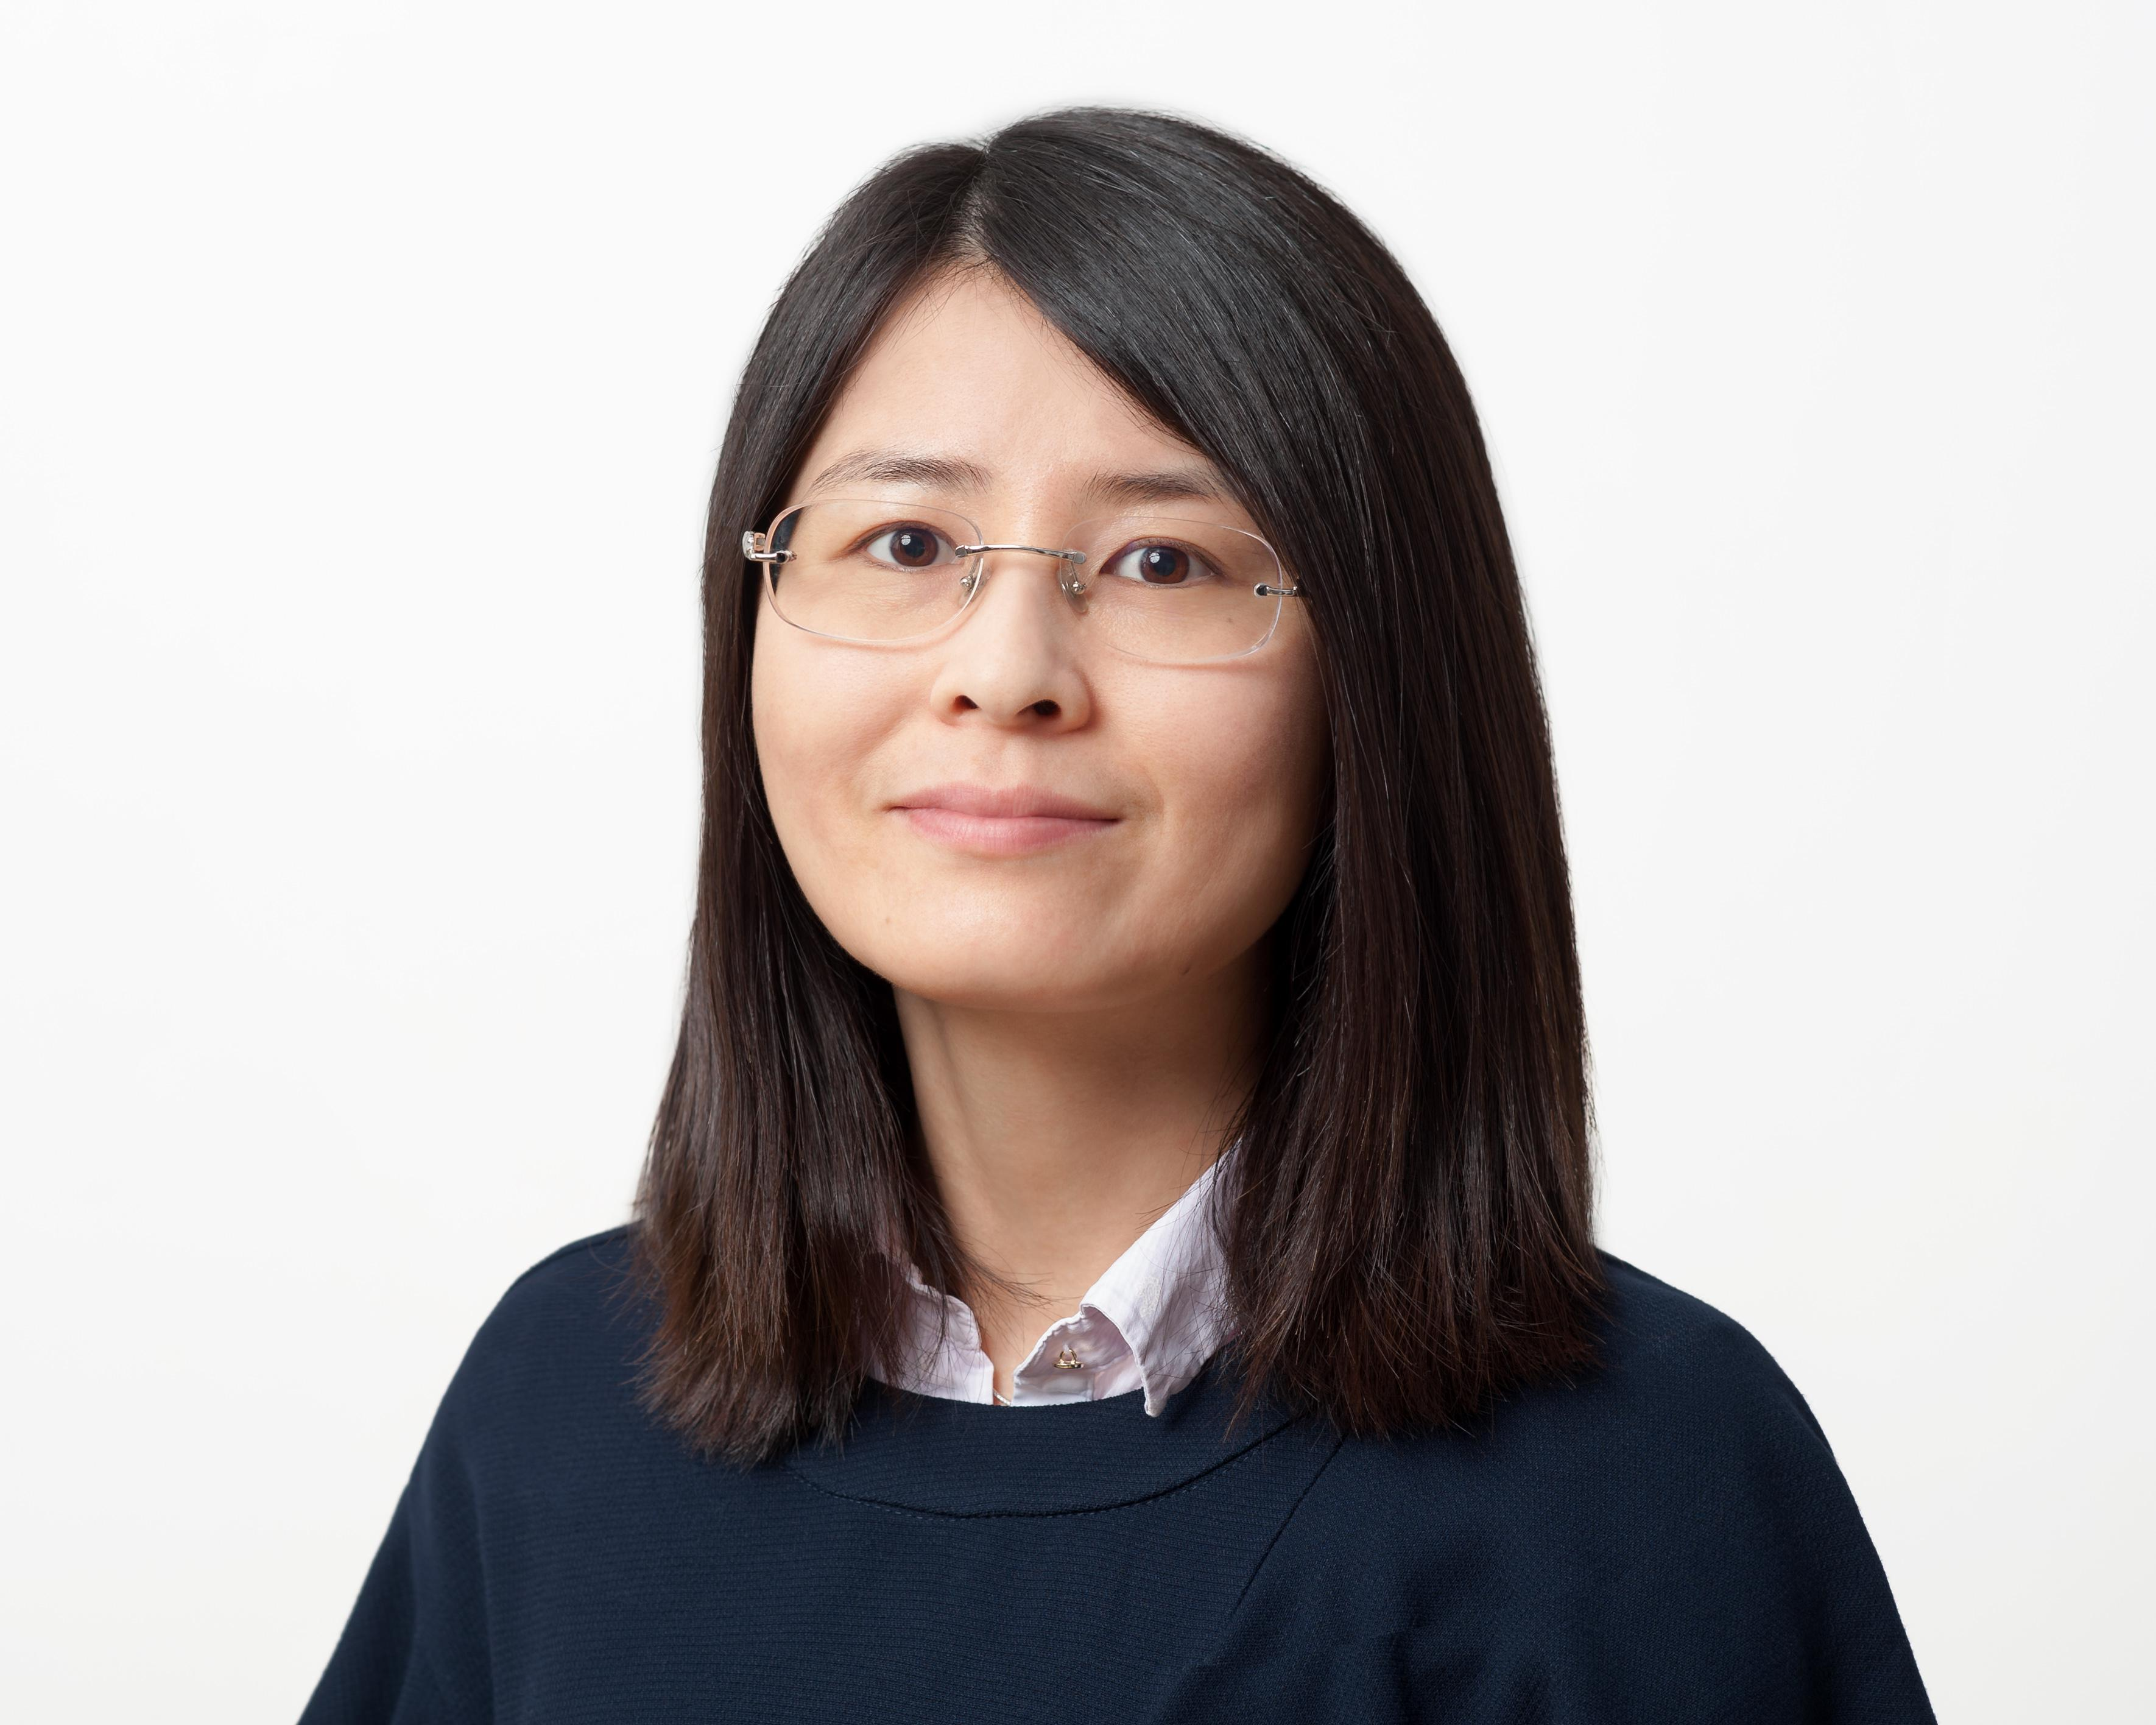 李佳确认离职谷歌,加入斯坦福智能医院项目